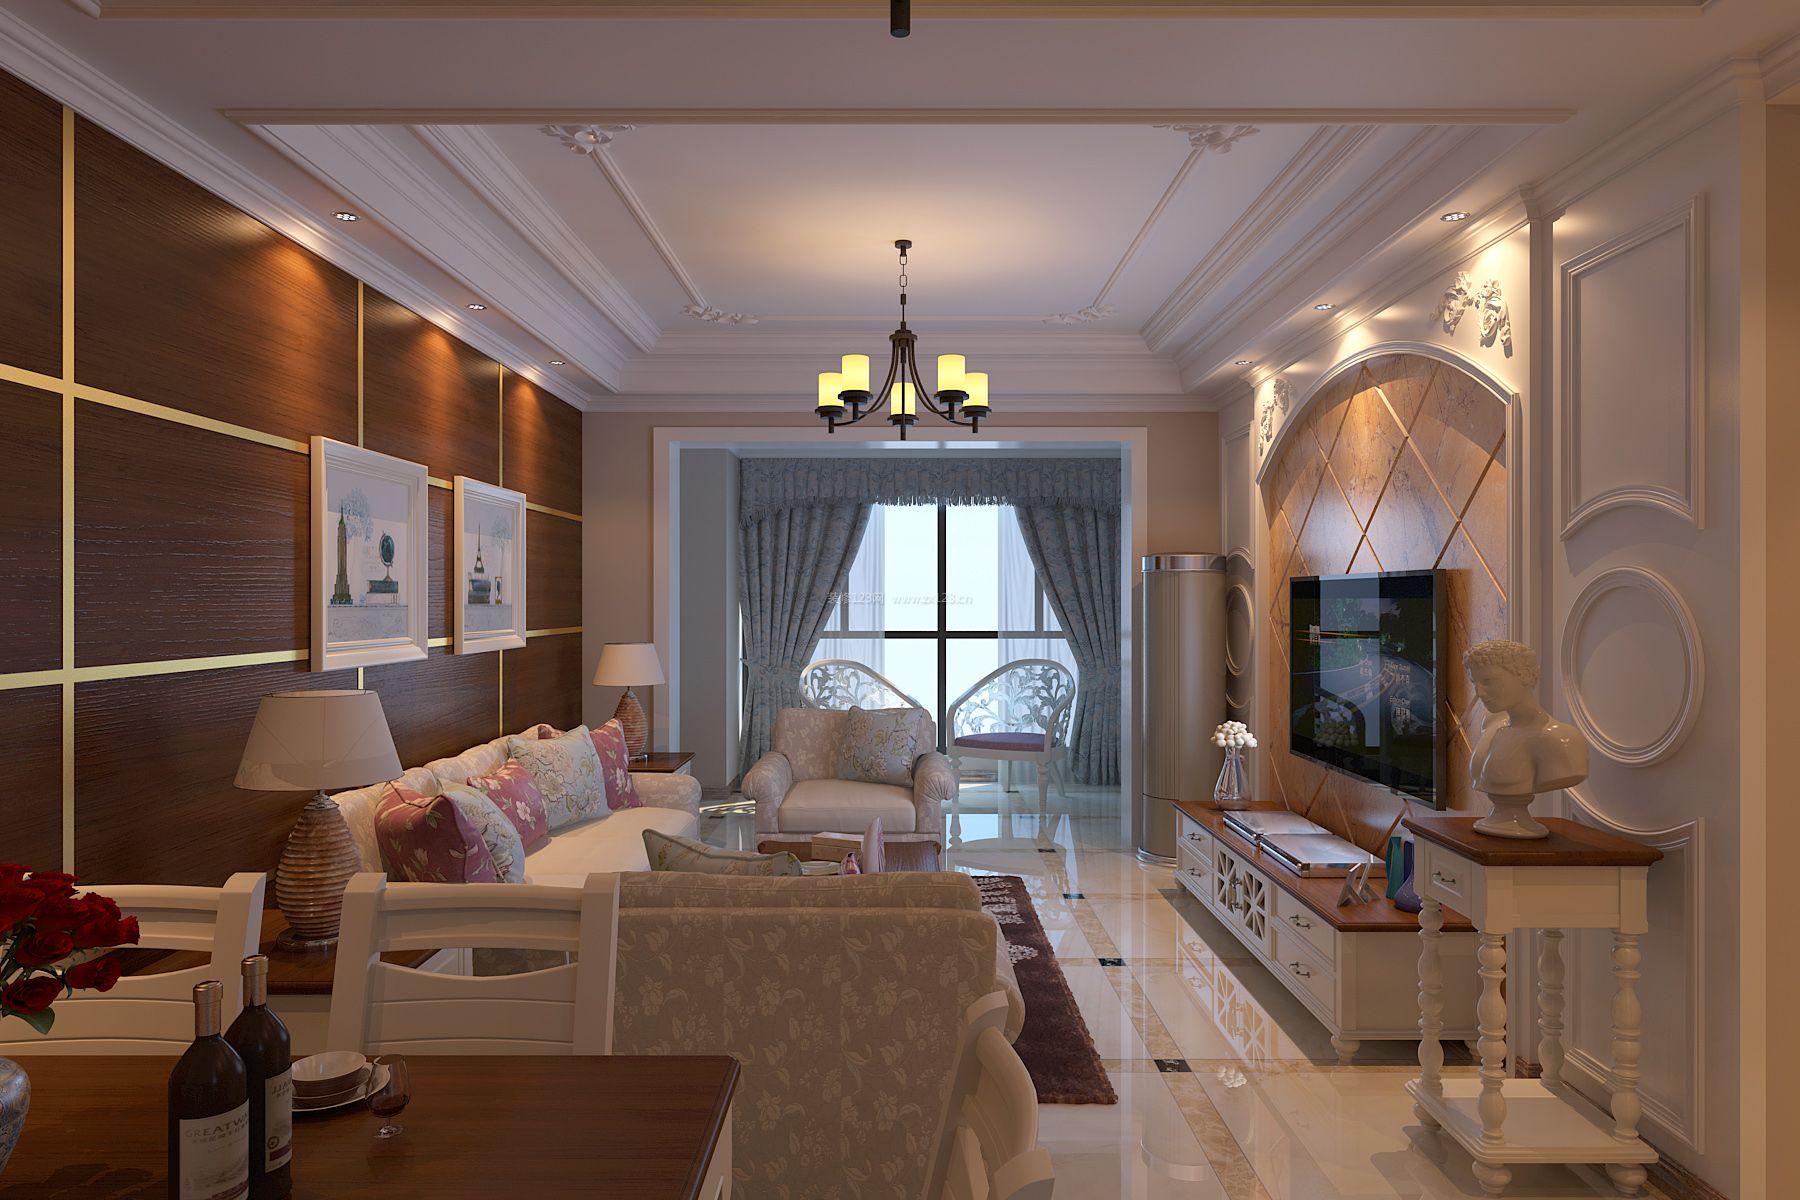 简欧装修费用,简欧式风格怎么做室内设计